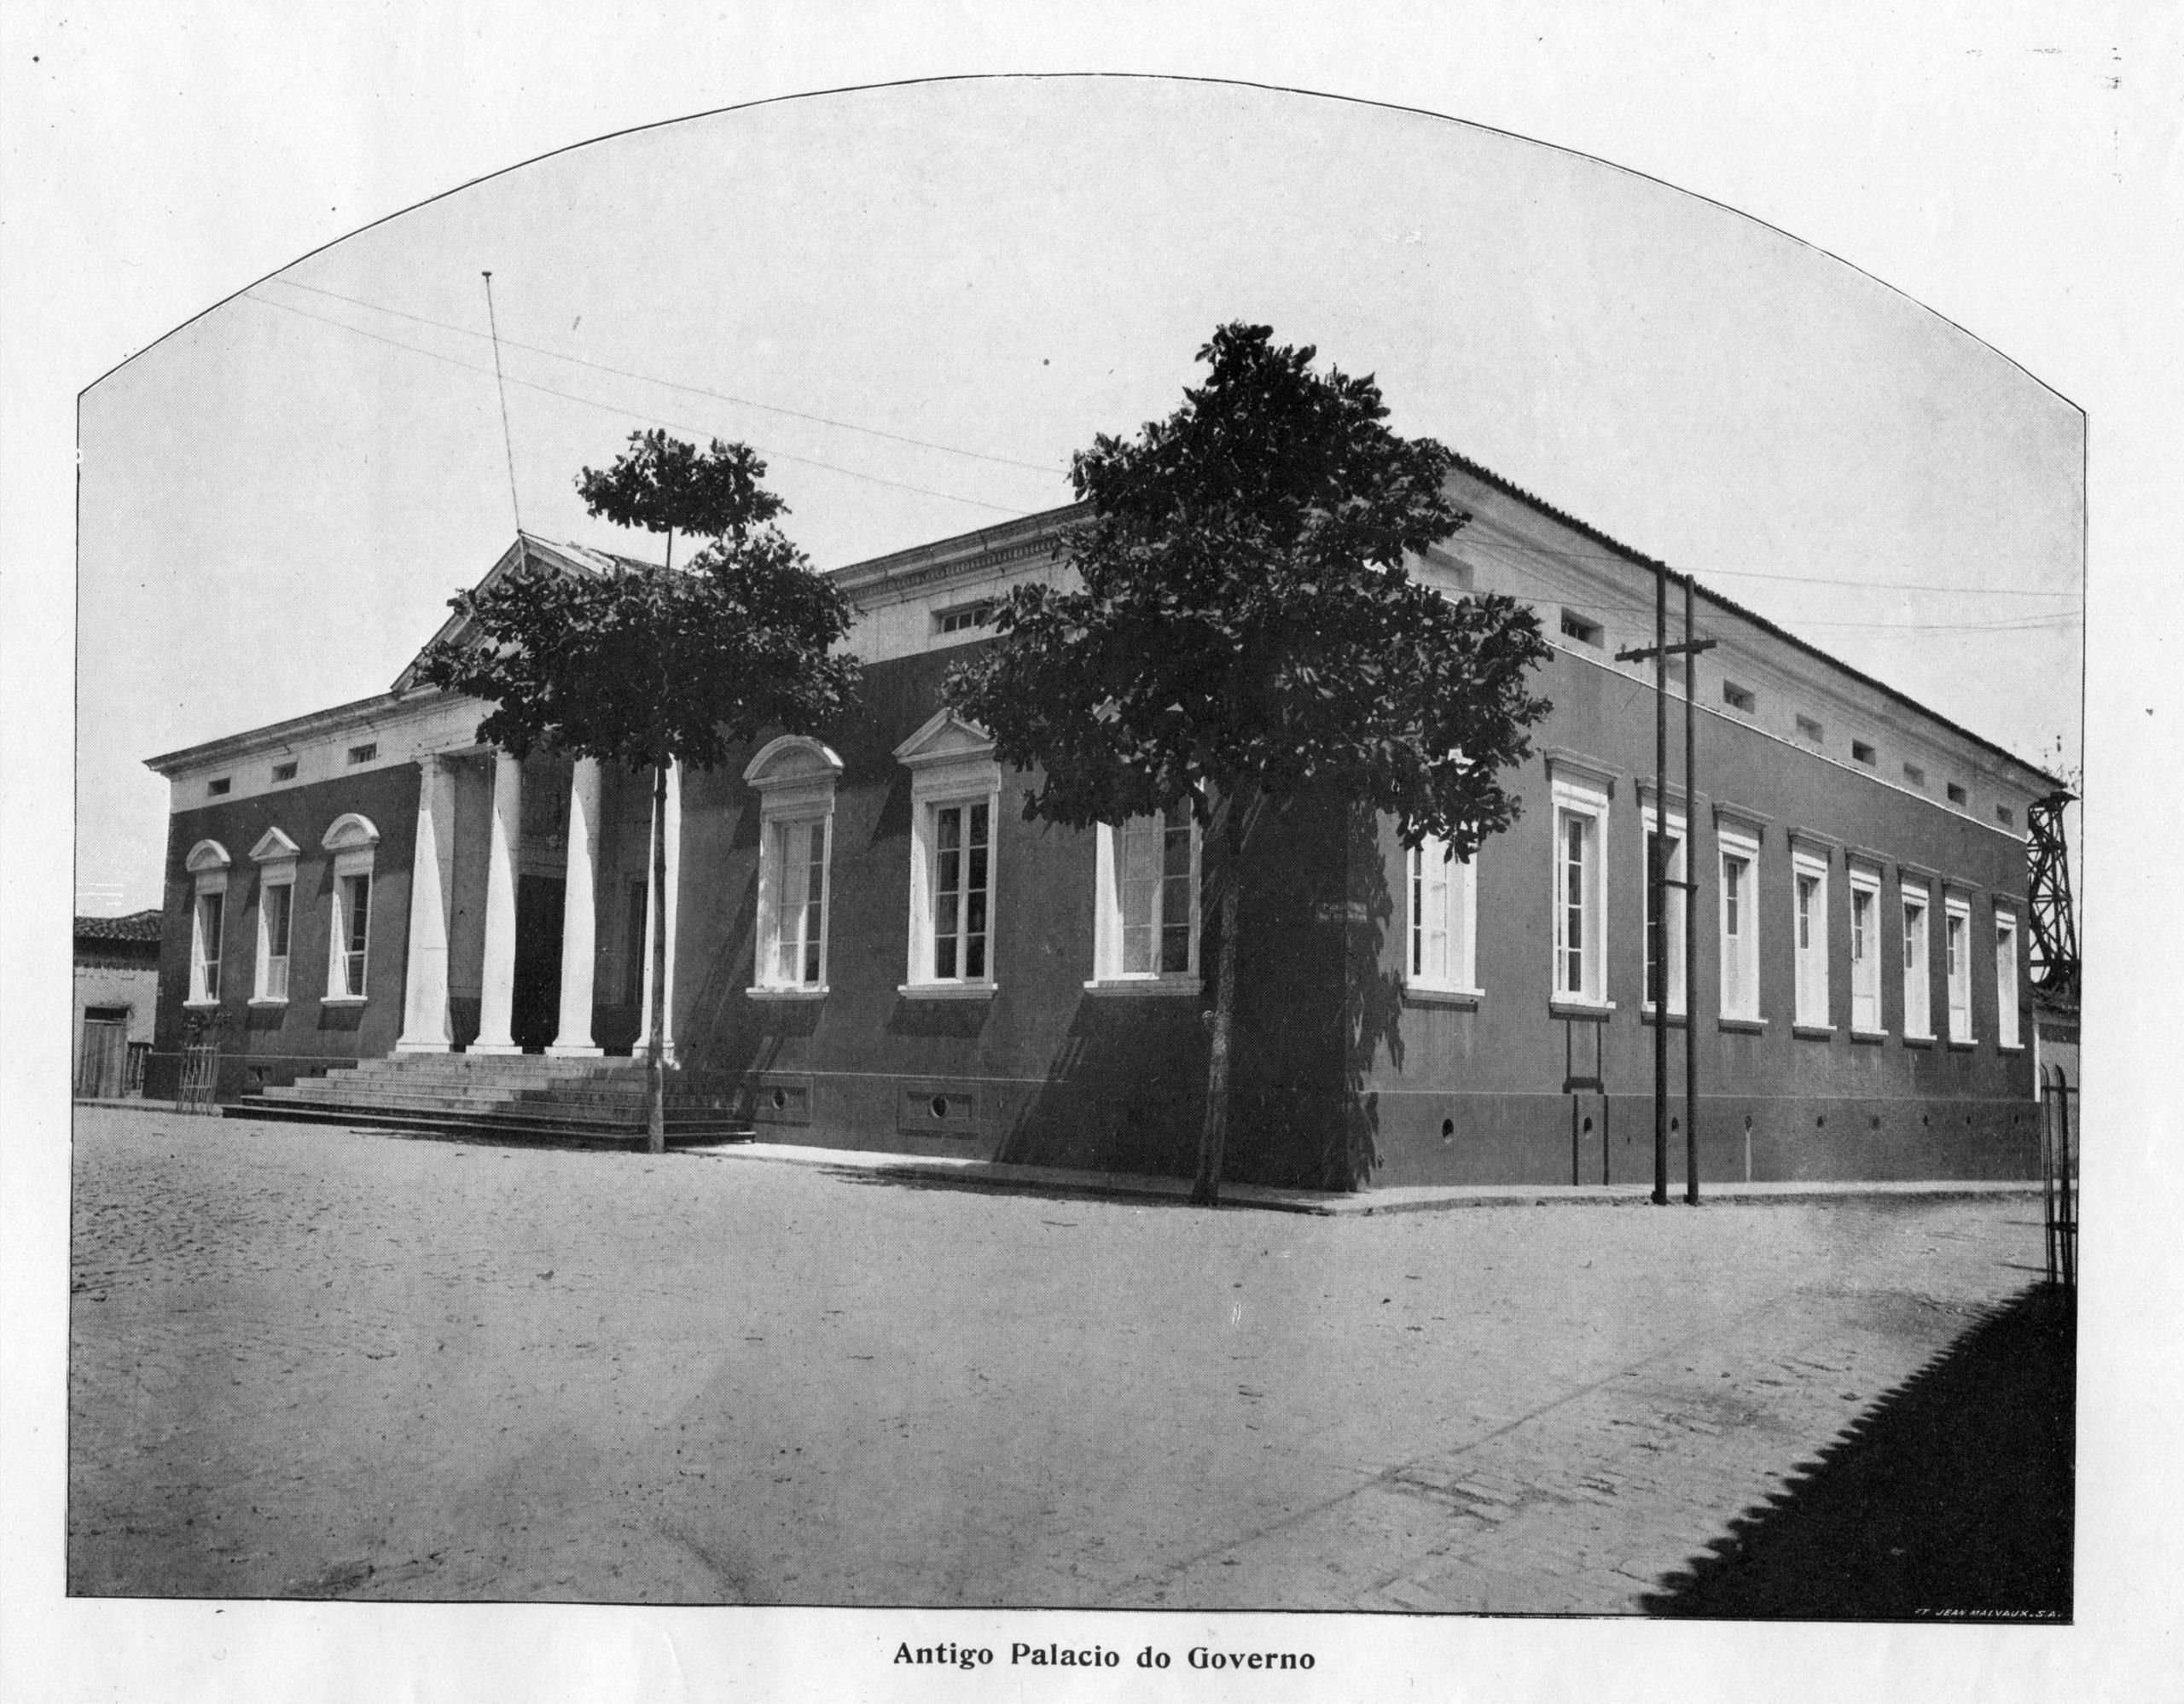 Antigo Palácio do Governo